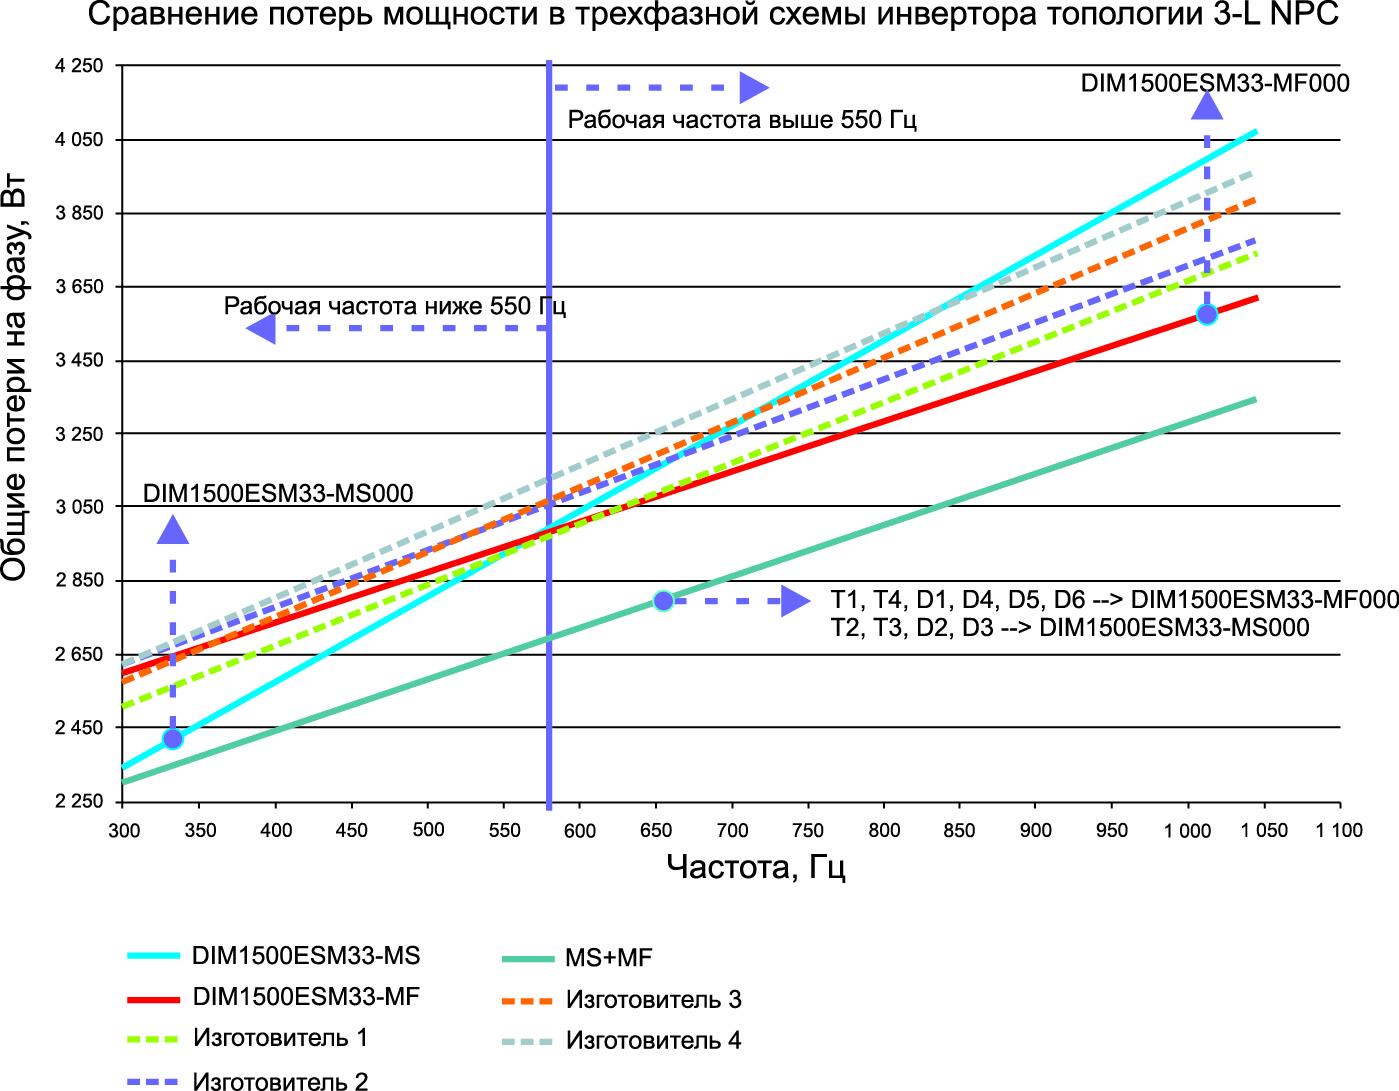 Сравнение потерь мощности при использовании IGBT-модулей MS и MF компании Dynex относительно IGBT-модулей от четырех ее конкурентов